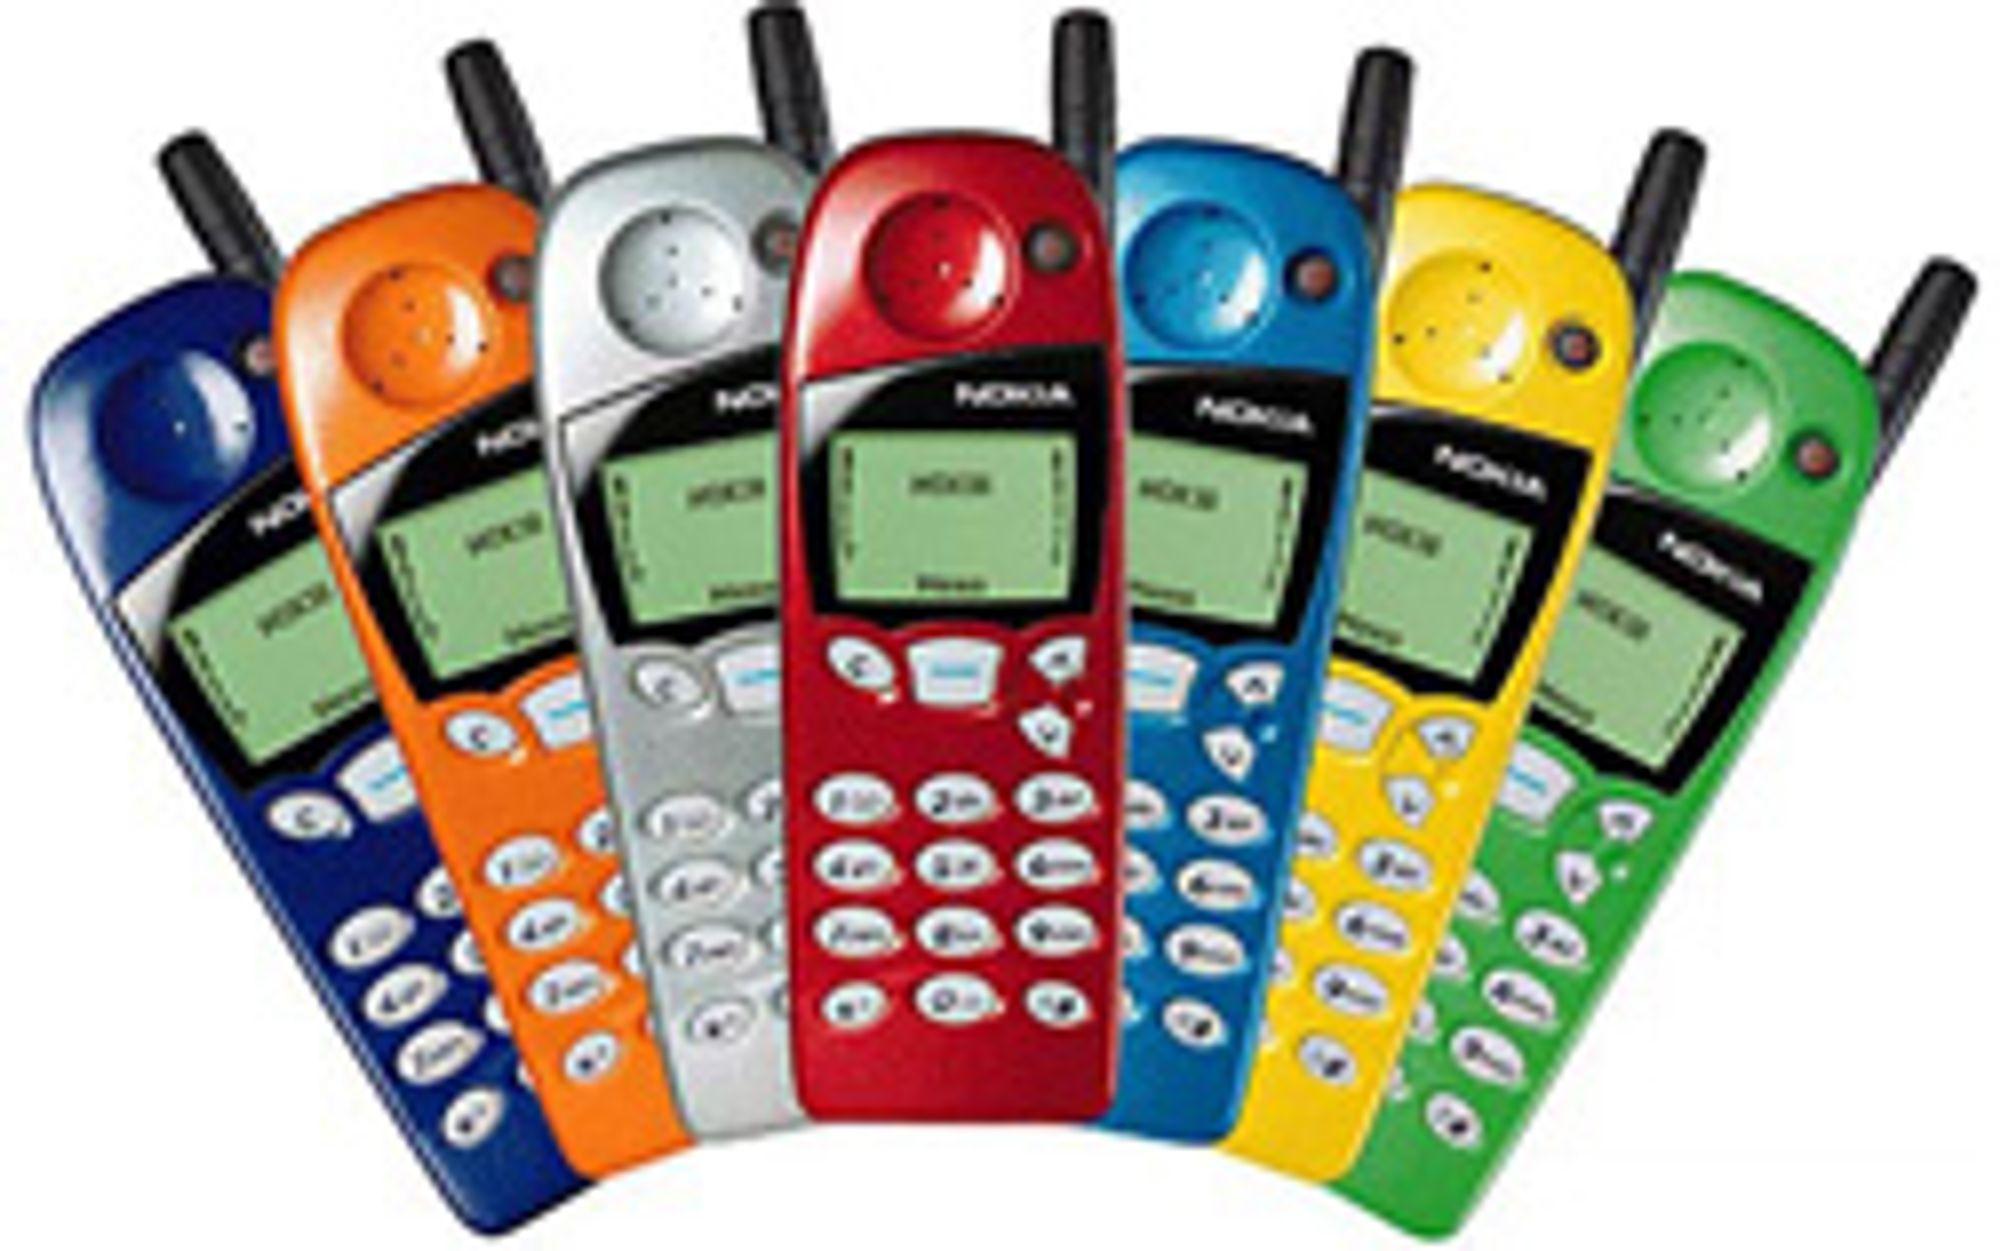 Nokia 5110 ble et moteikon. (Foto: Nokia)